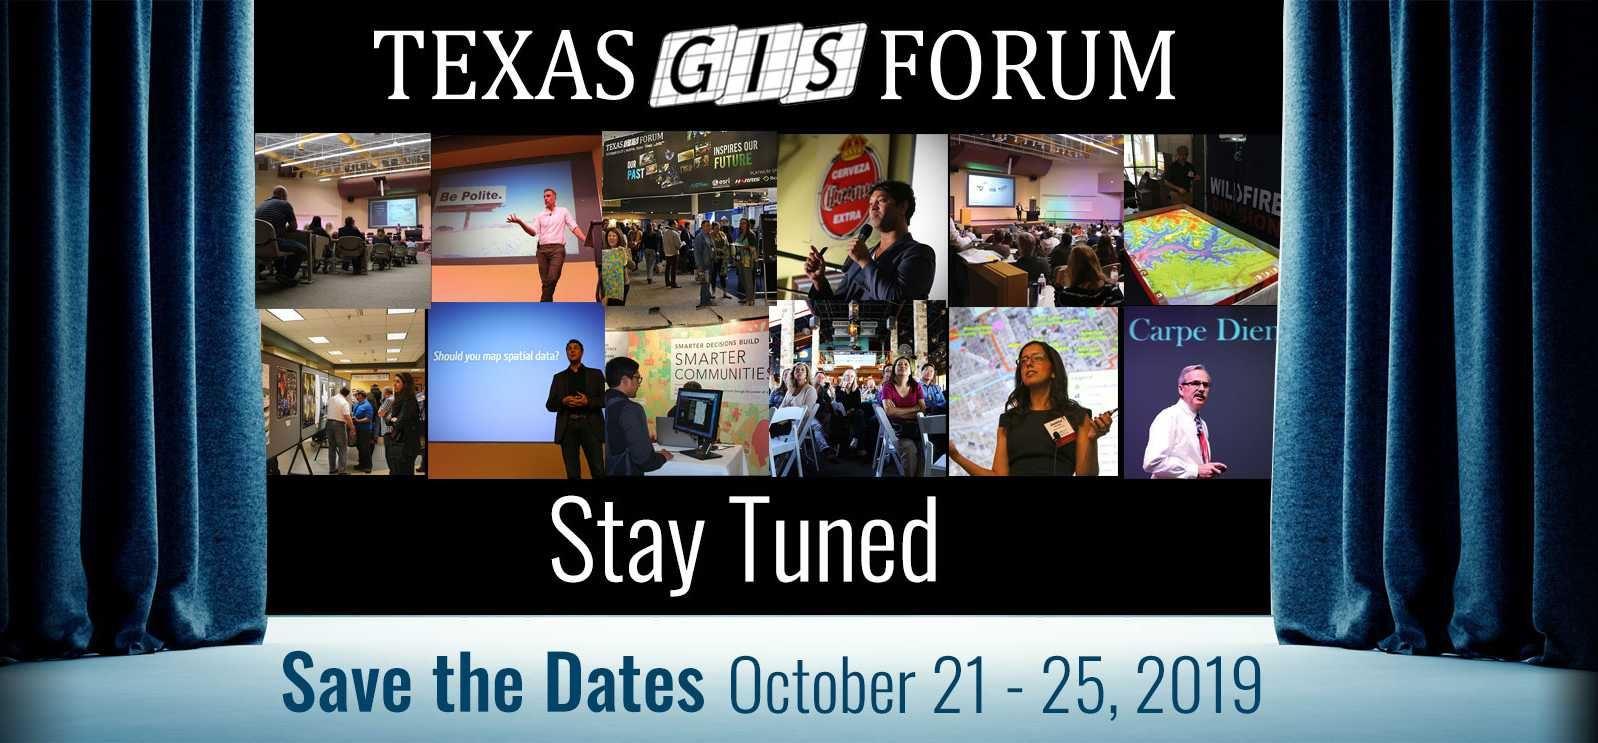 SCAUG - Texas GIS Forum